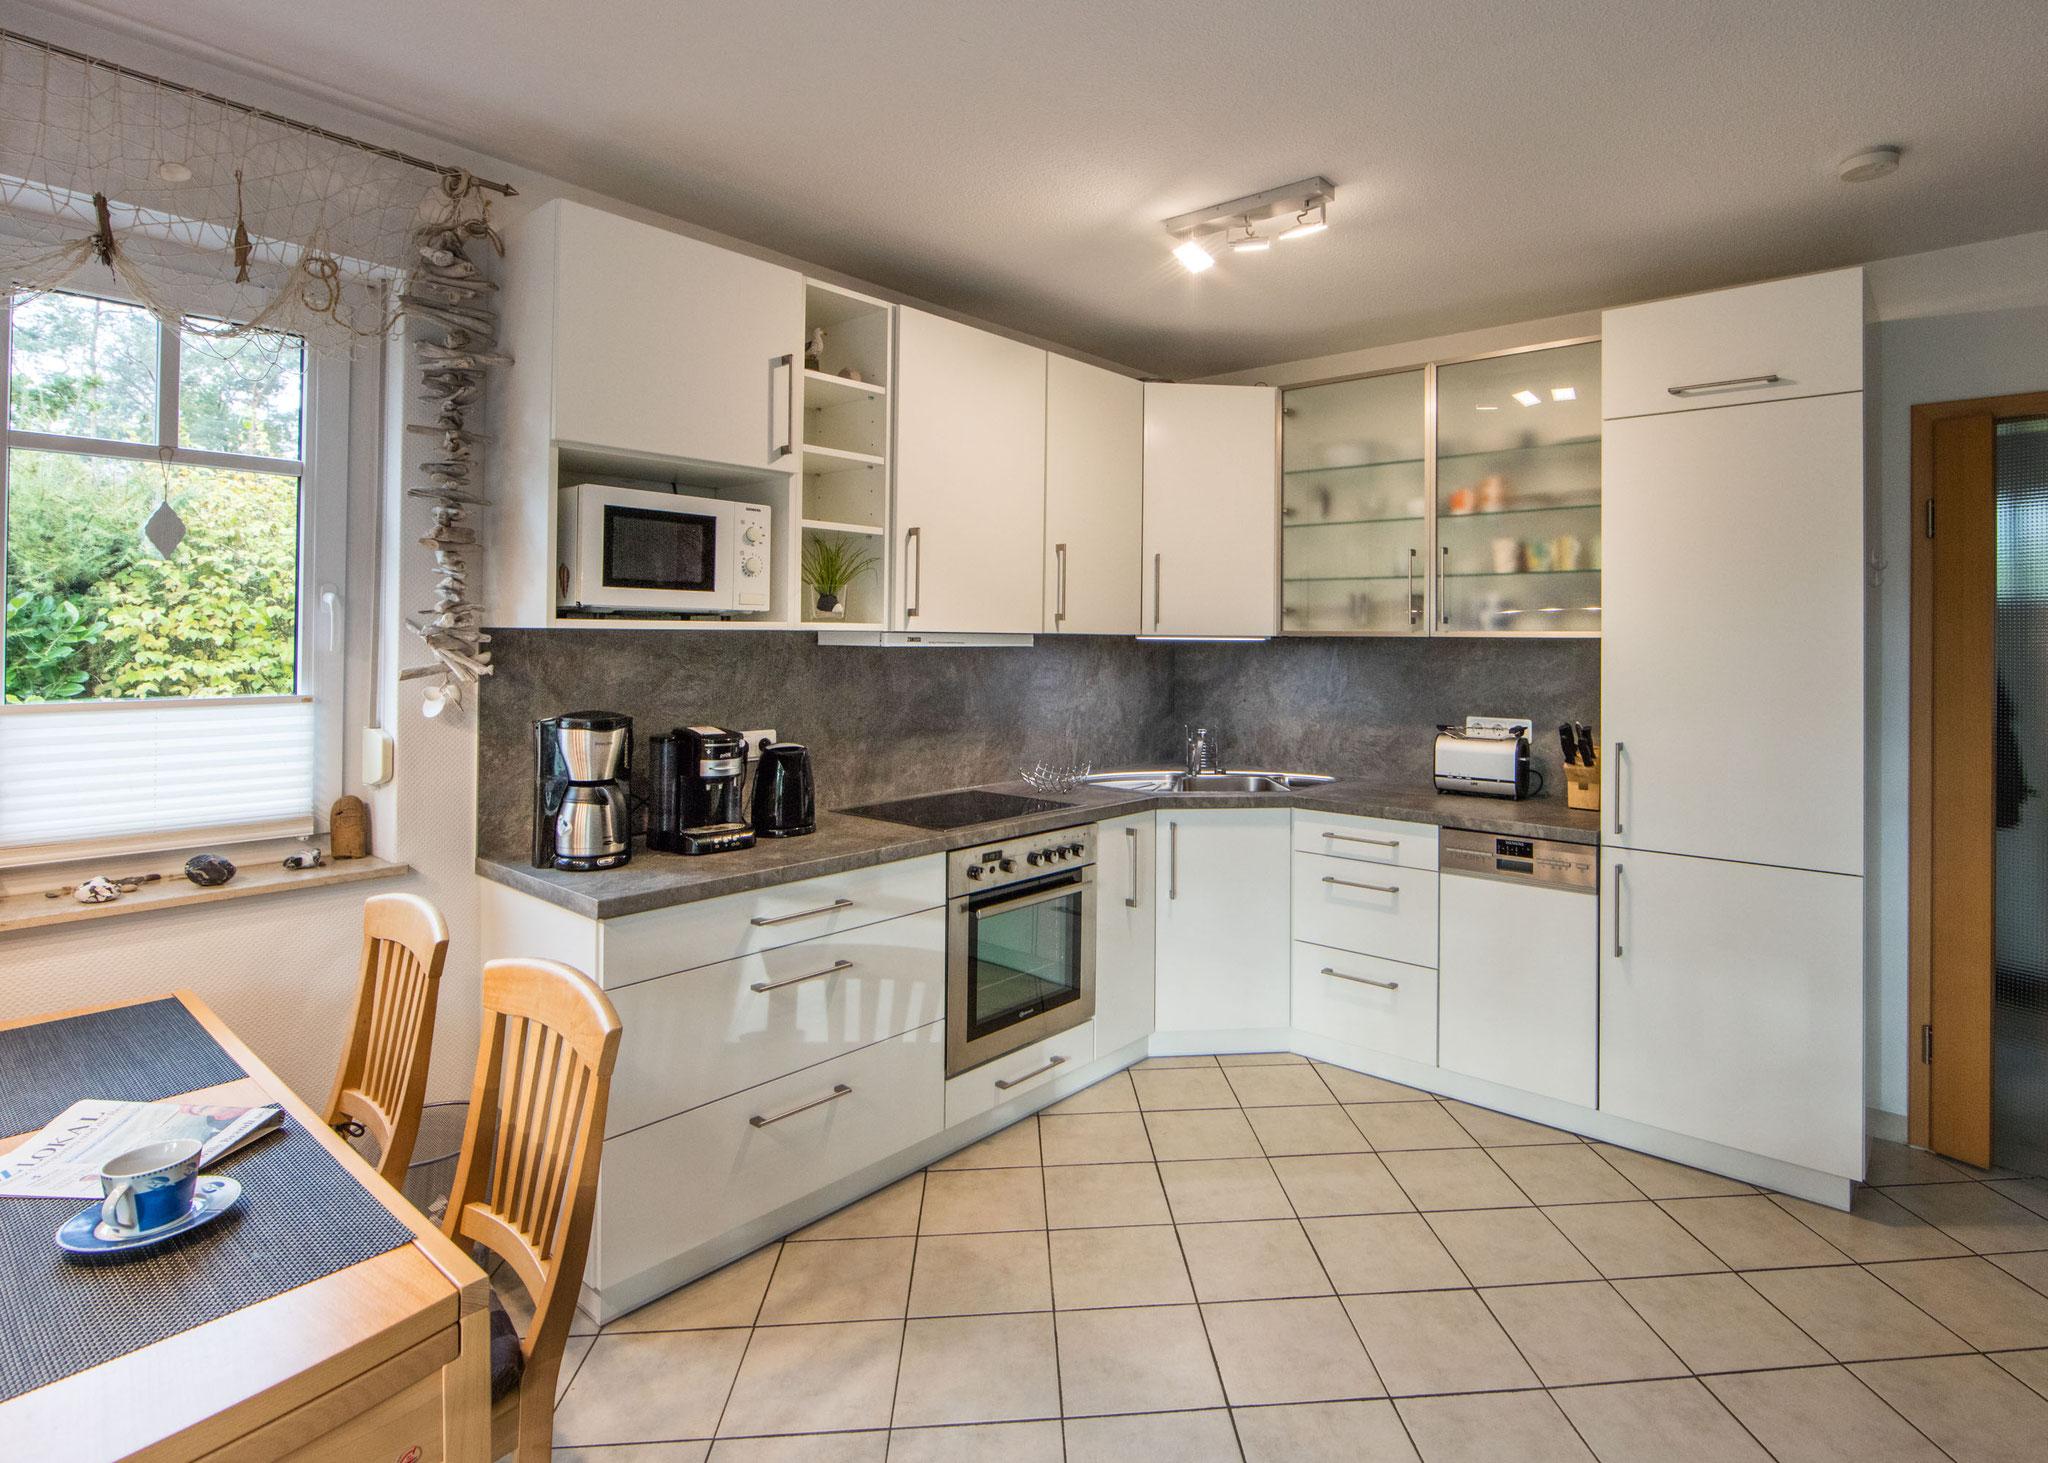 Komplett und hochwertig ausgestattete Küche mit Esstisch für 4 Personen